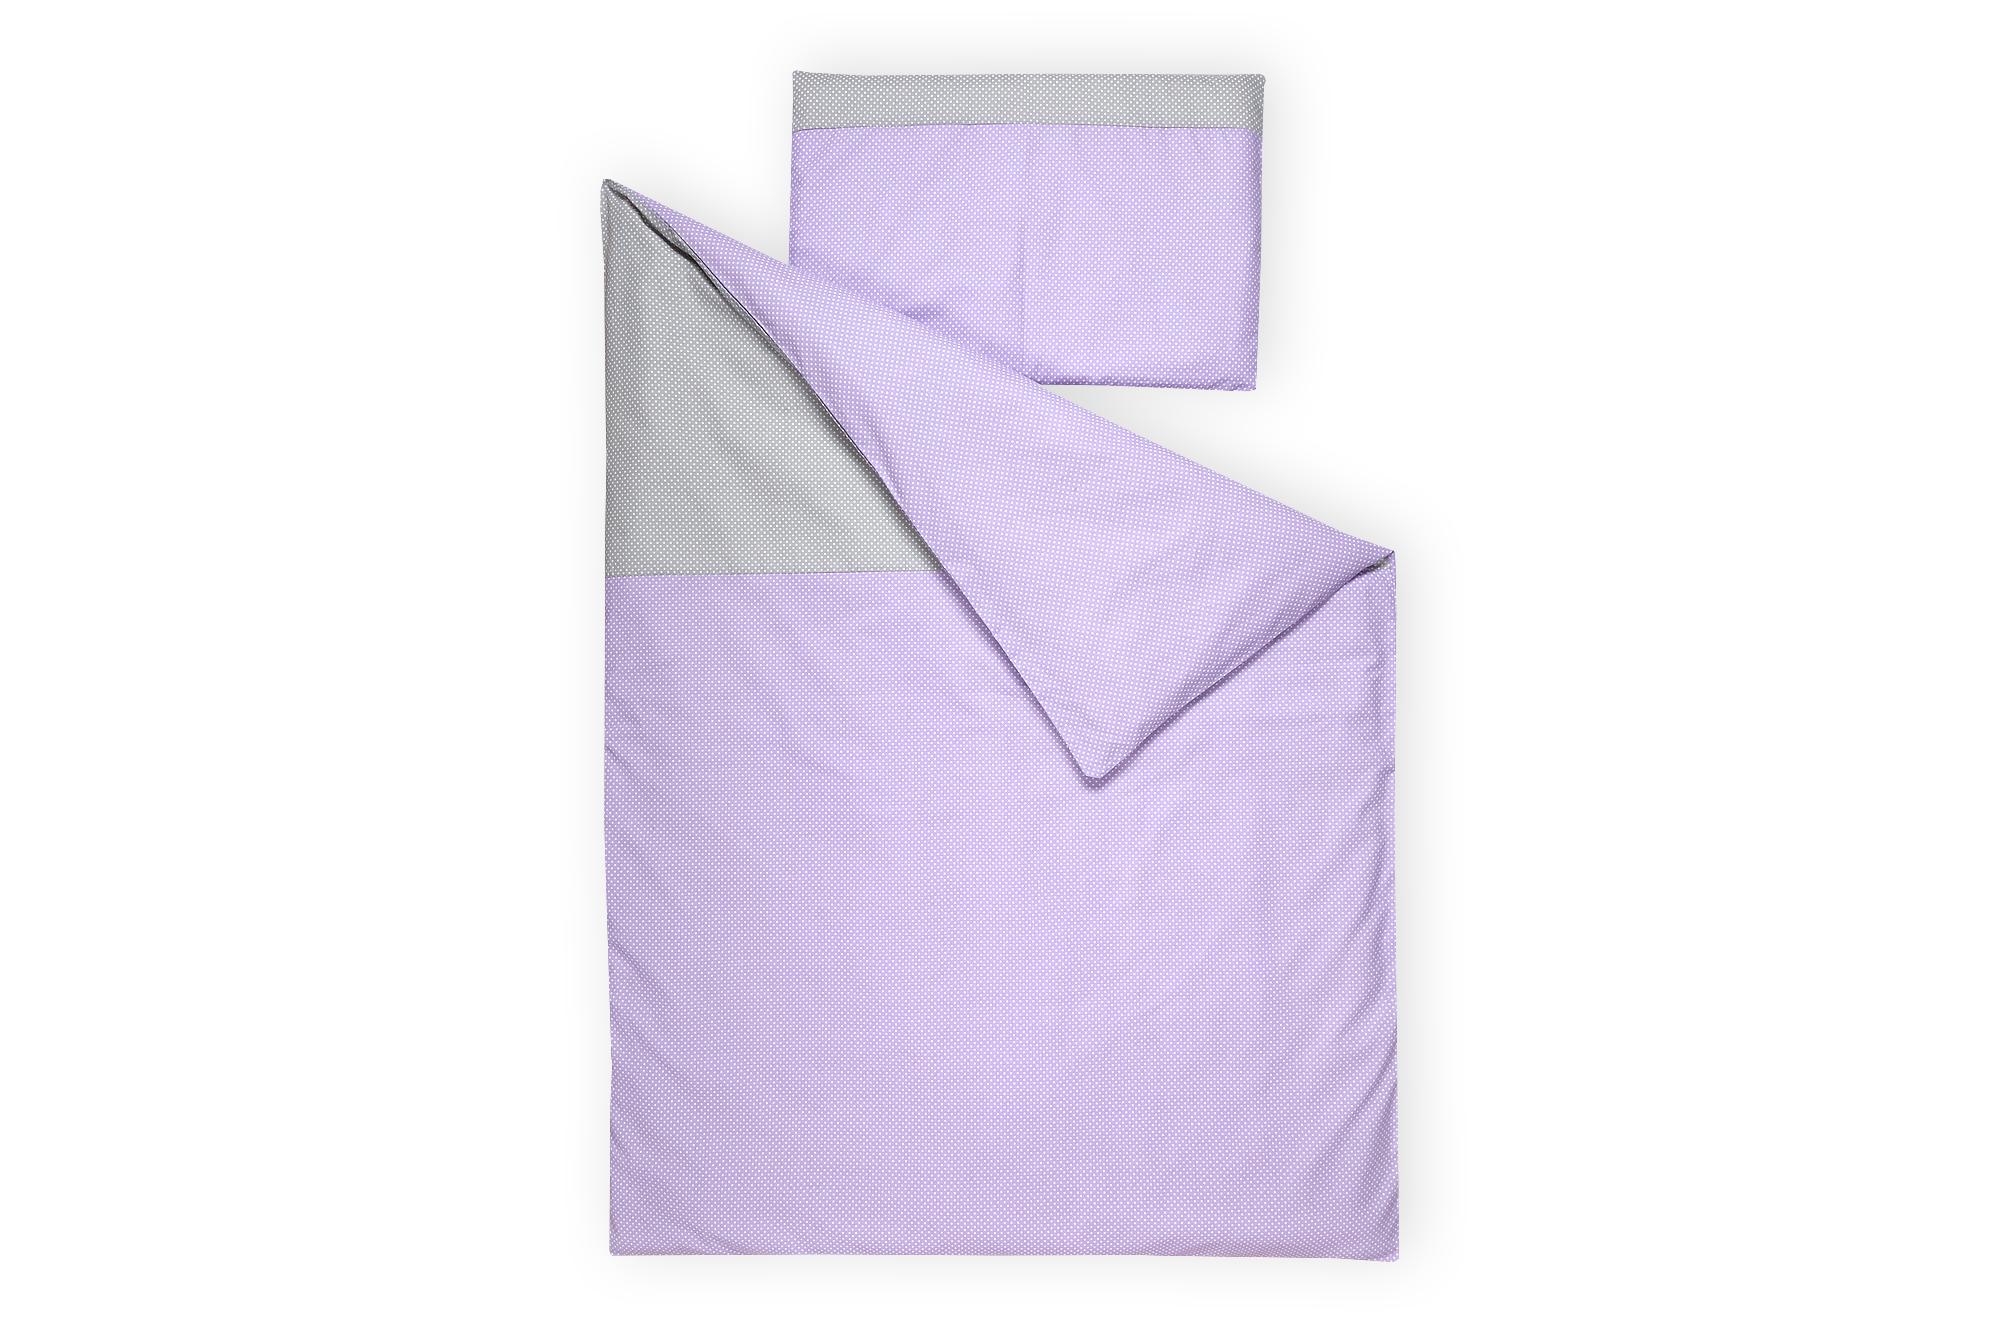 KraftKids Bettwäscheset weiße Punkte auf Grau und weiße Punkte auf Lila 100 x 135 cm, Kissen 40 x 60 cm